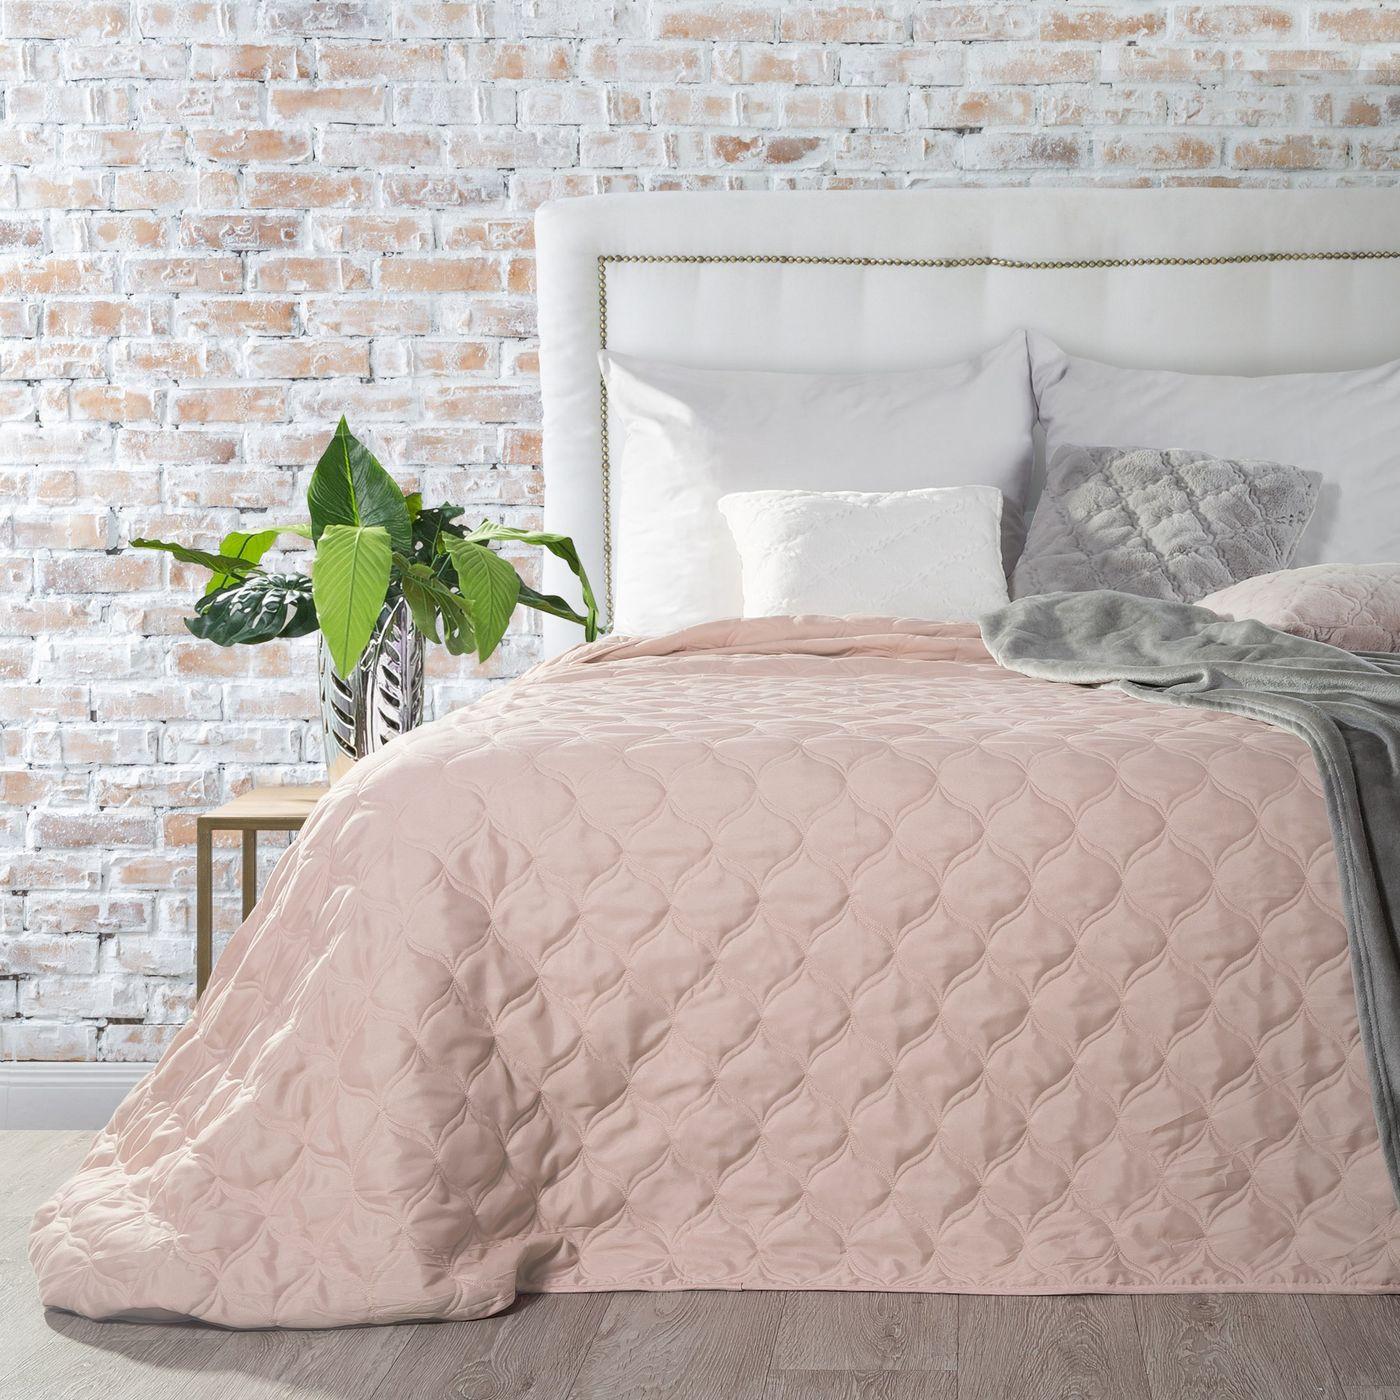 Narzuta na łóżko przeszywana 200x220 cm różowa